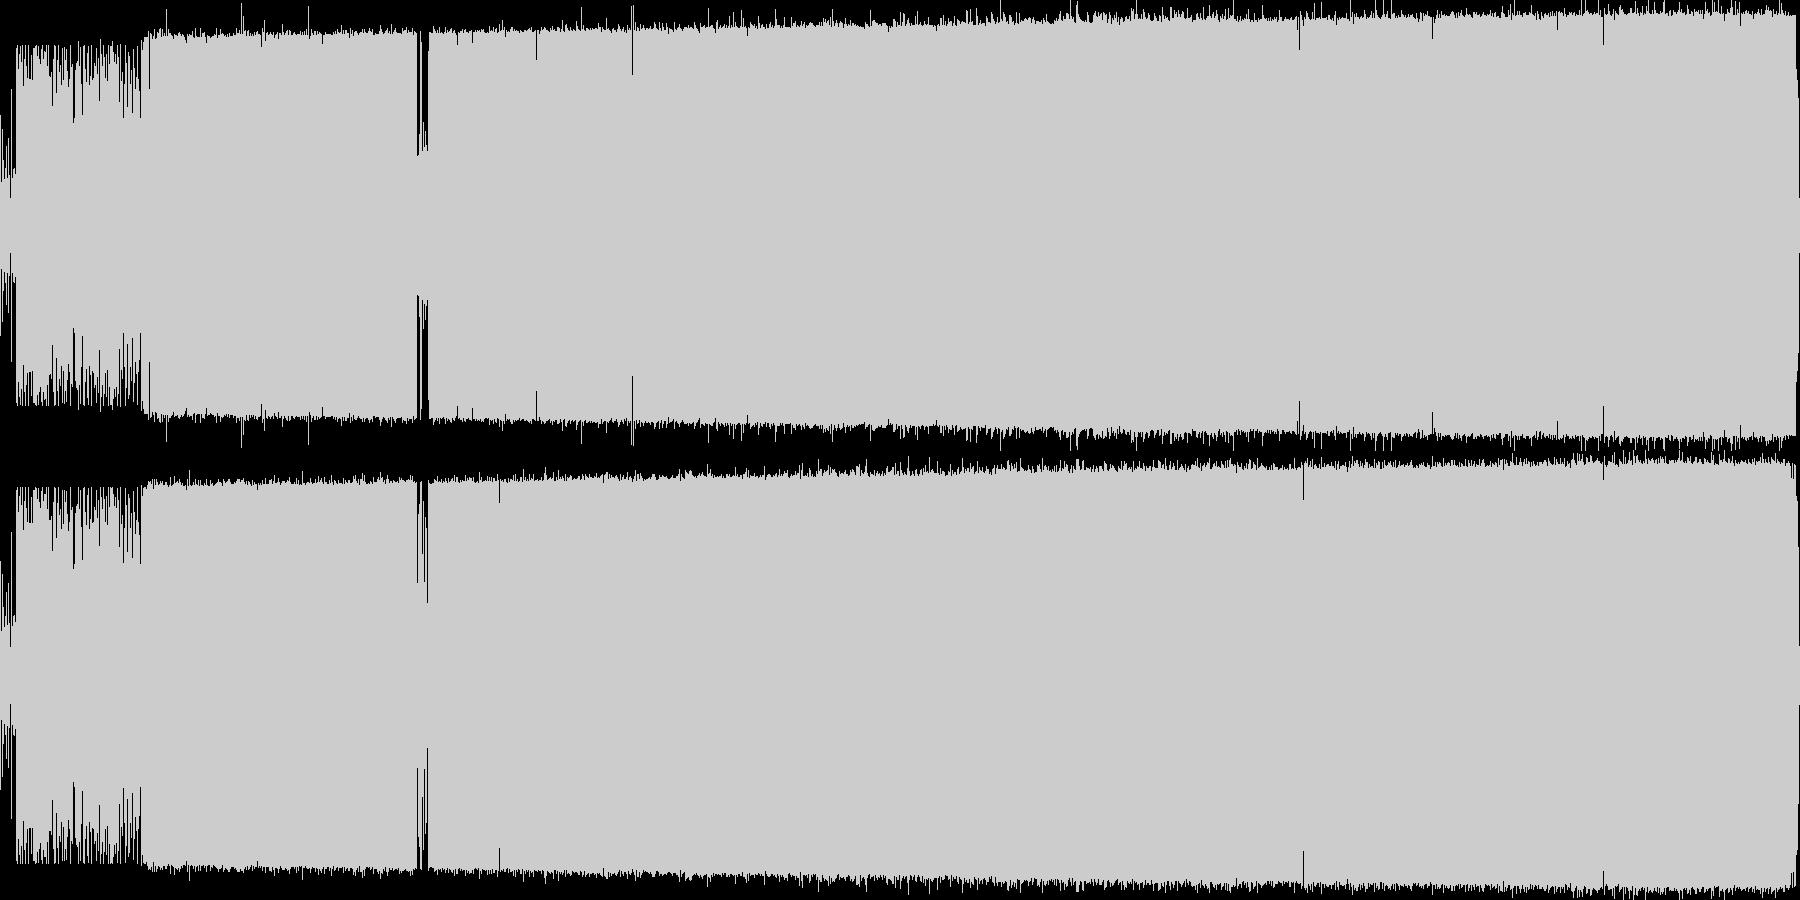 オシャレでノリの良い日本語ラップの未再生の波形